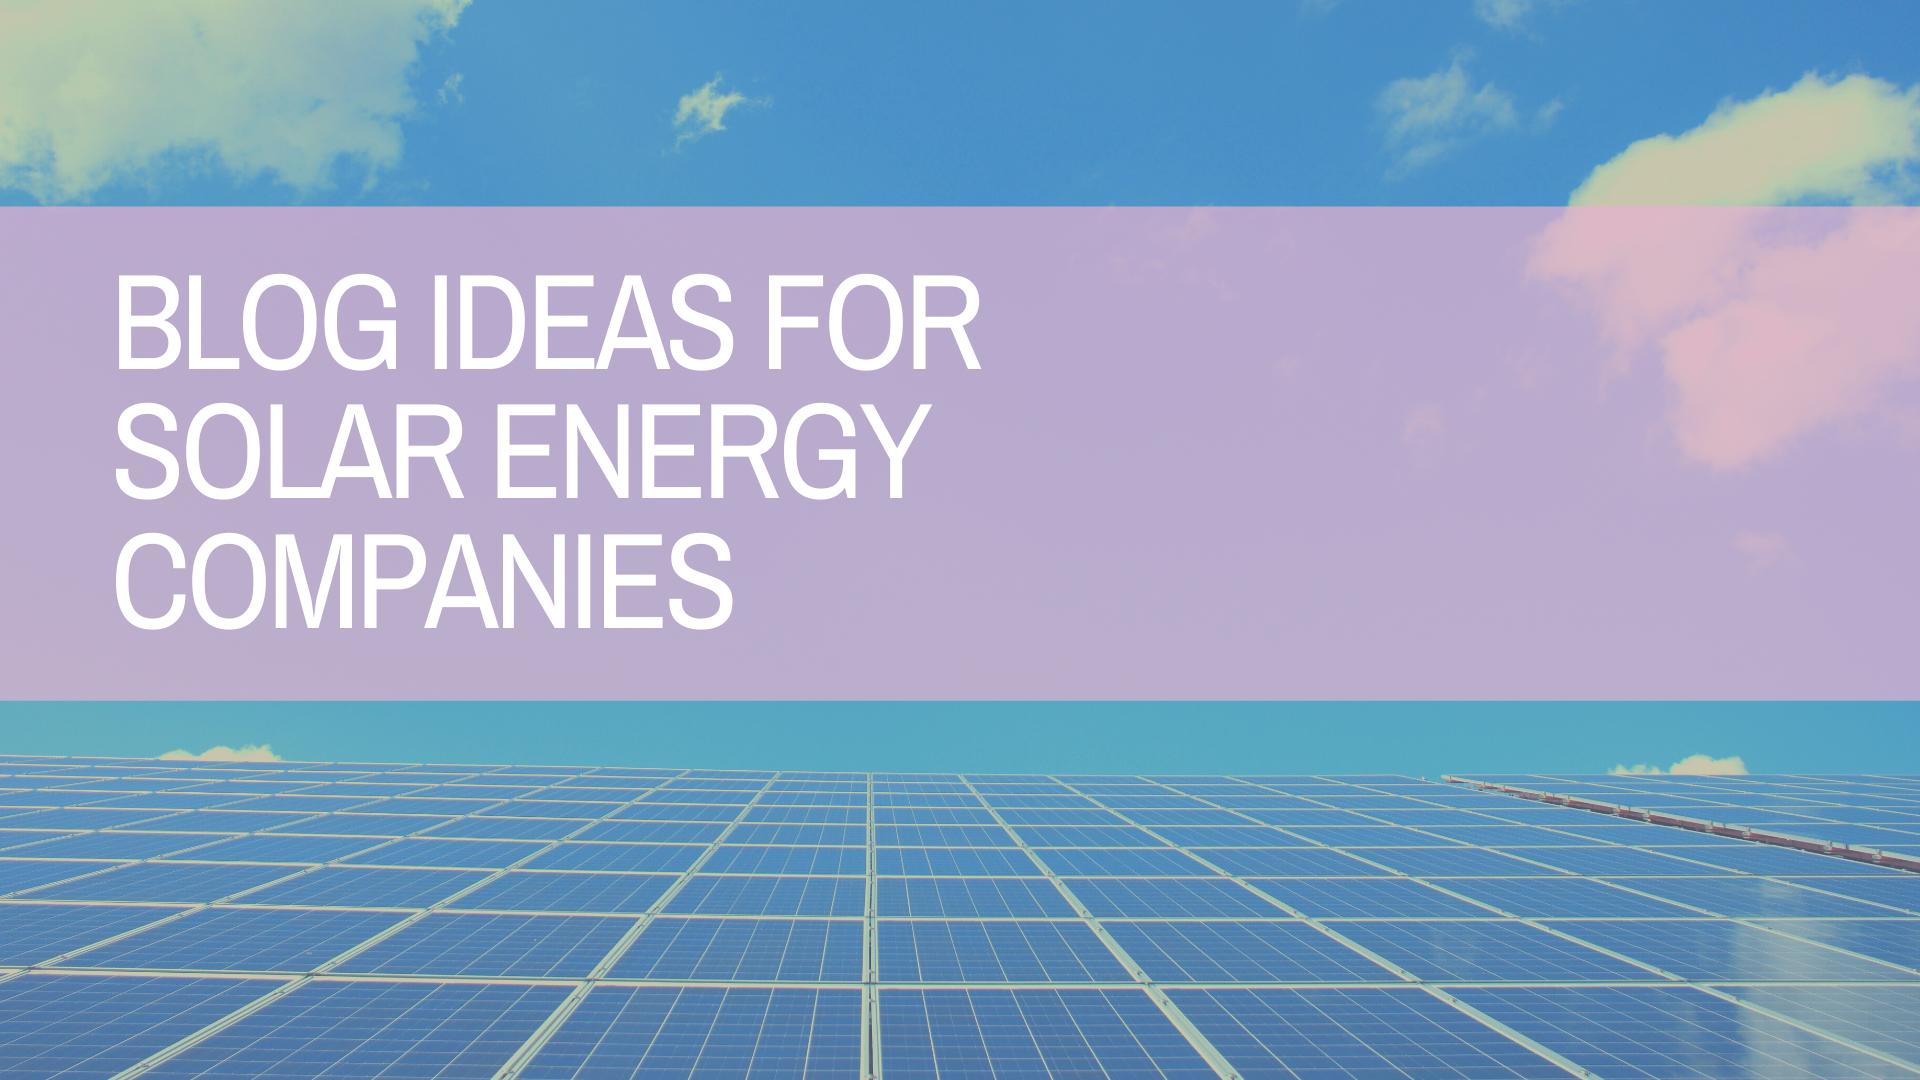 Blog Ideas for Solar Energy Companies | Amplihigher